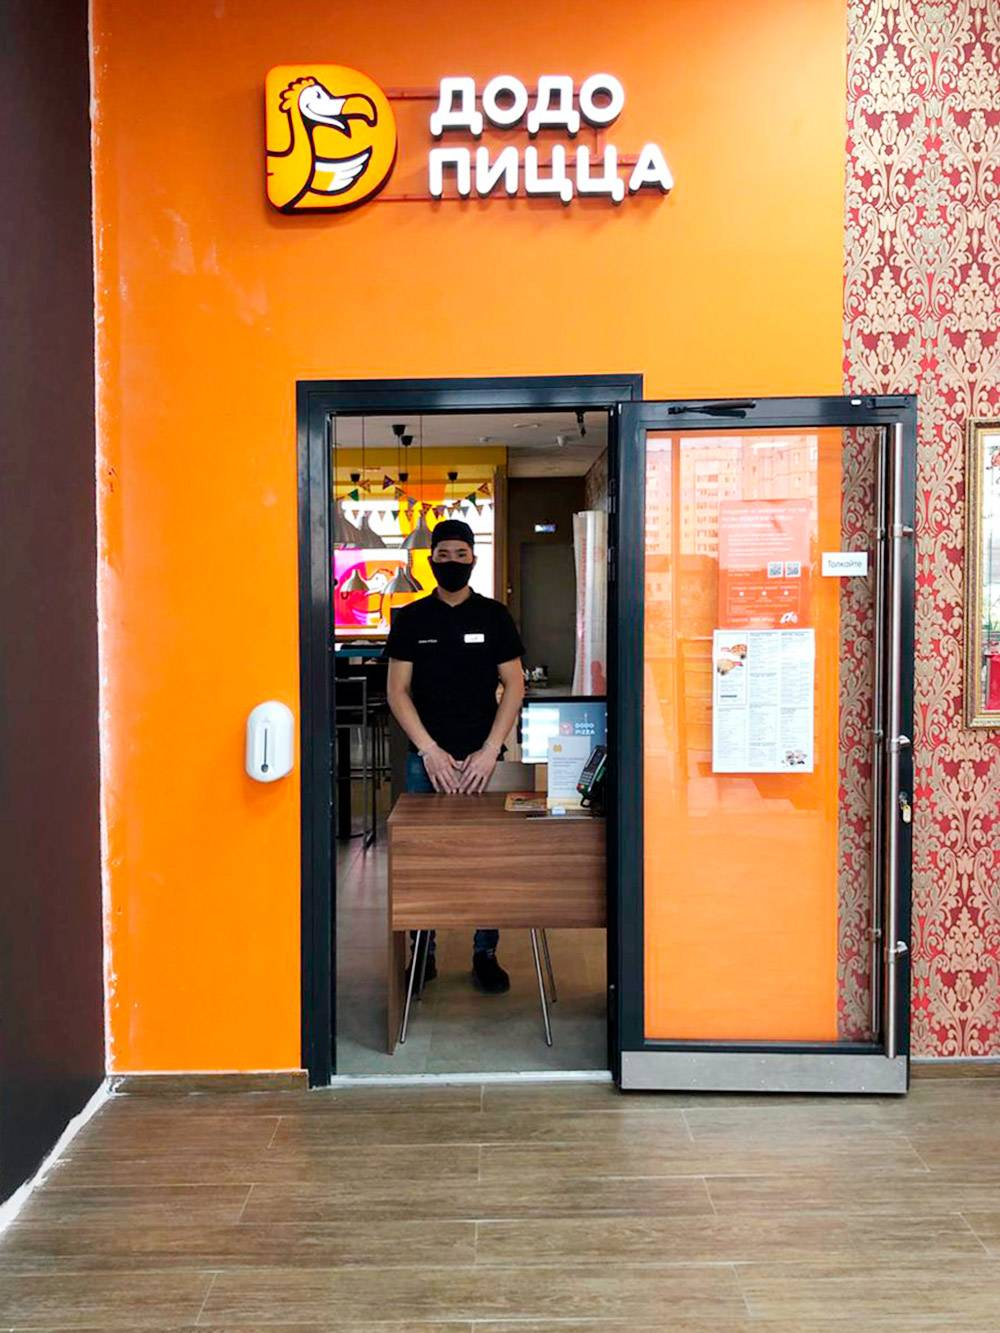 Пока нельзя было открыть кафе, принимали заказы на входе. Чтобы обезопасить гостей и сотрудников, установили дозатор с антисептиком, каждый час обрабатывали дверные ручки и пол, нанесли разметку дляподдержки дистанции